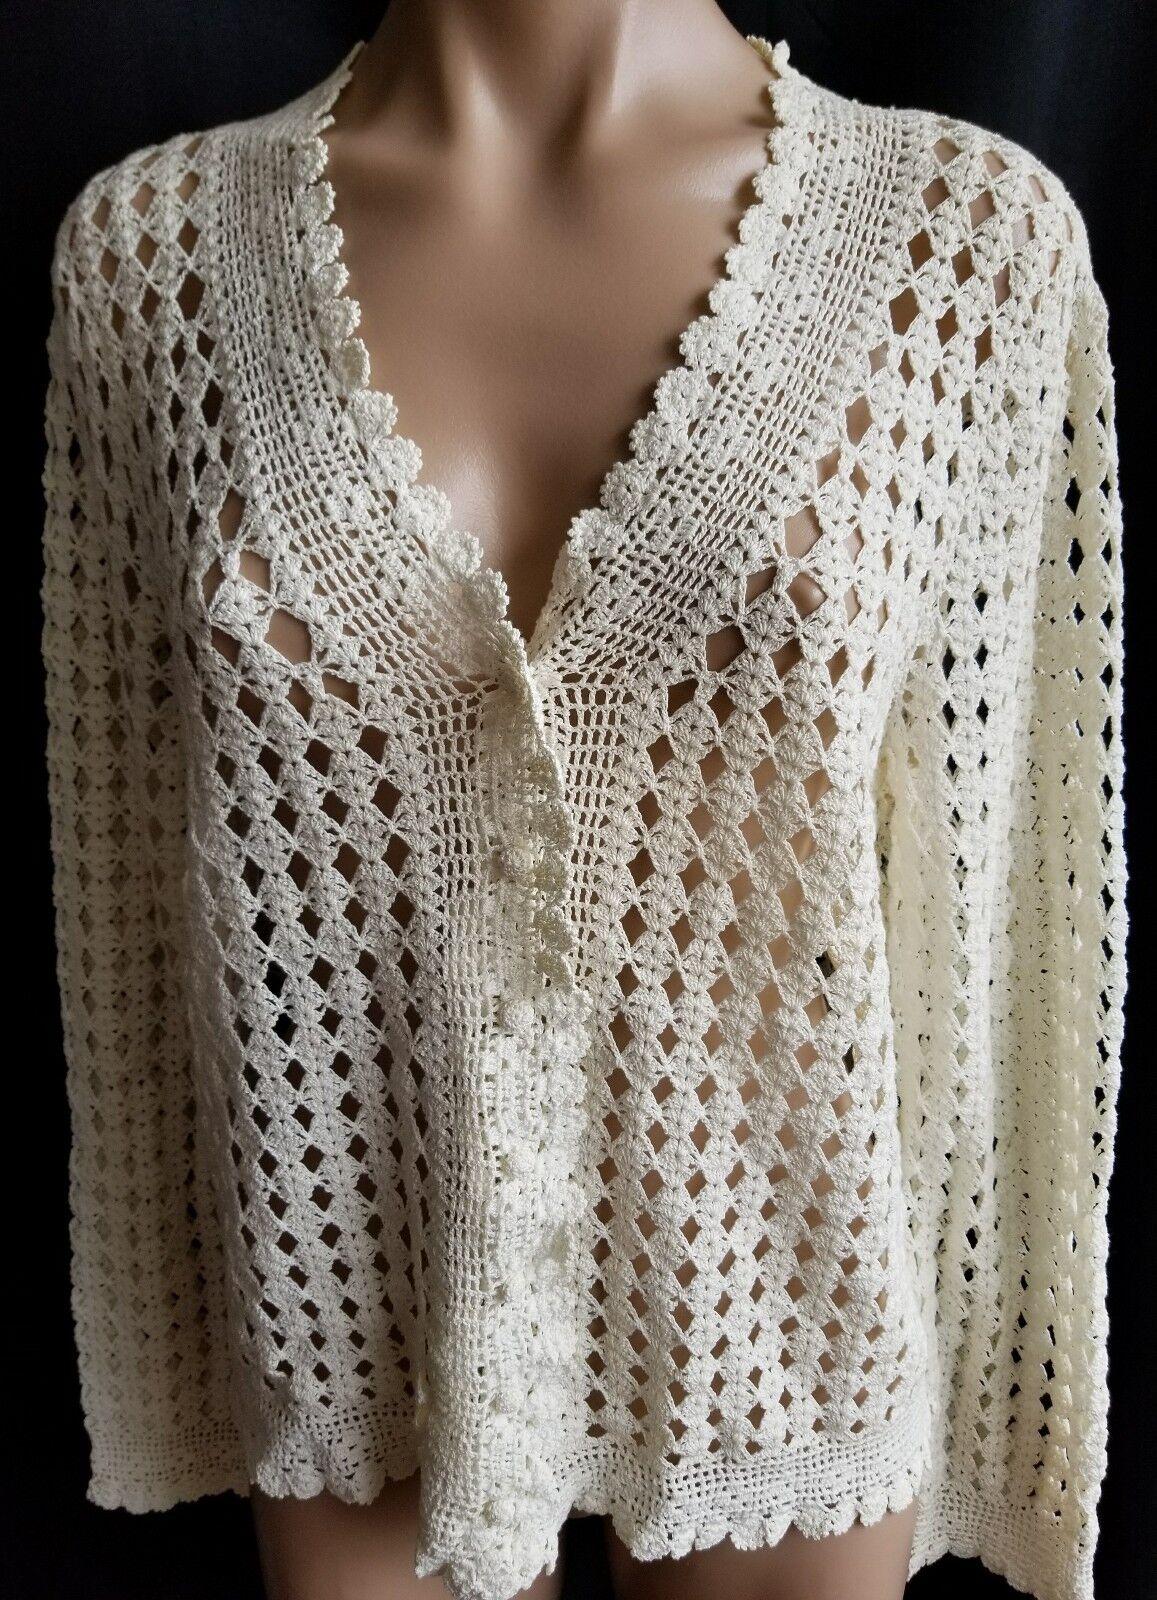 Ralph Lauren Knitted Cardigan Exclusive Hand Knit Knit Knit For Ralph Lauren Size M 885464